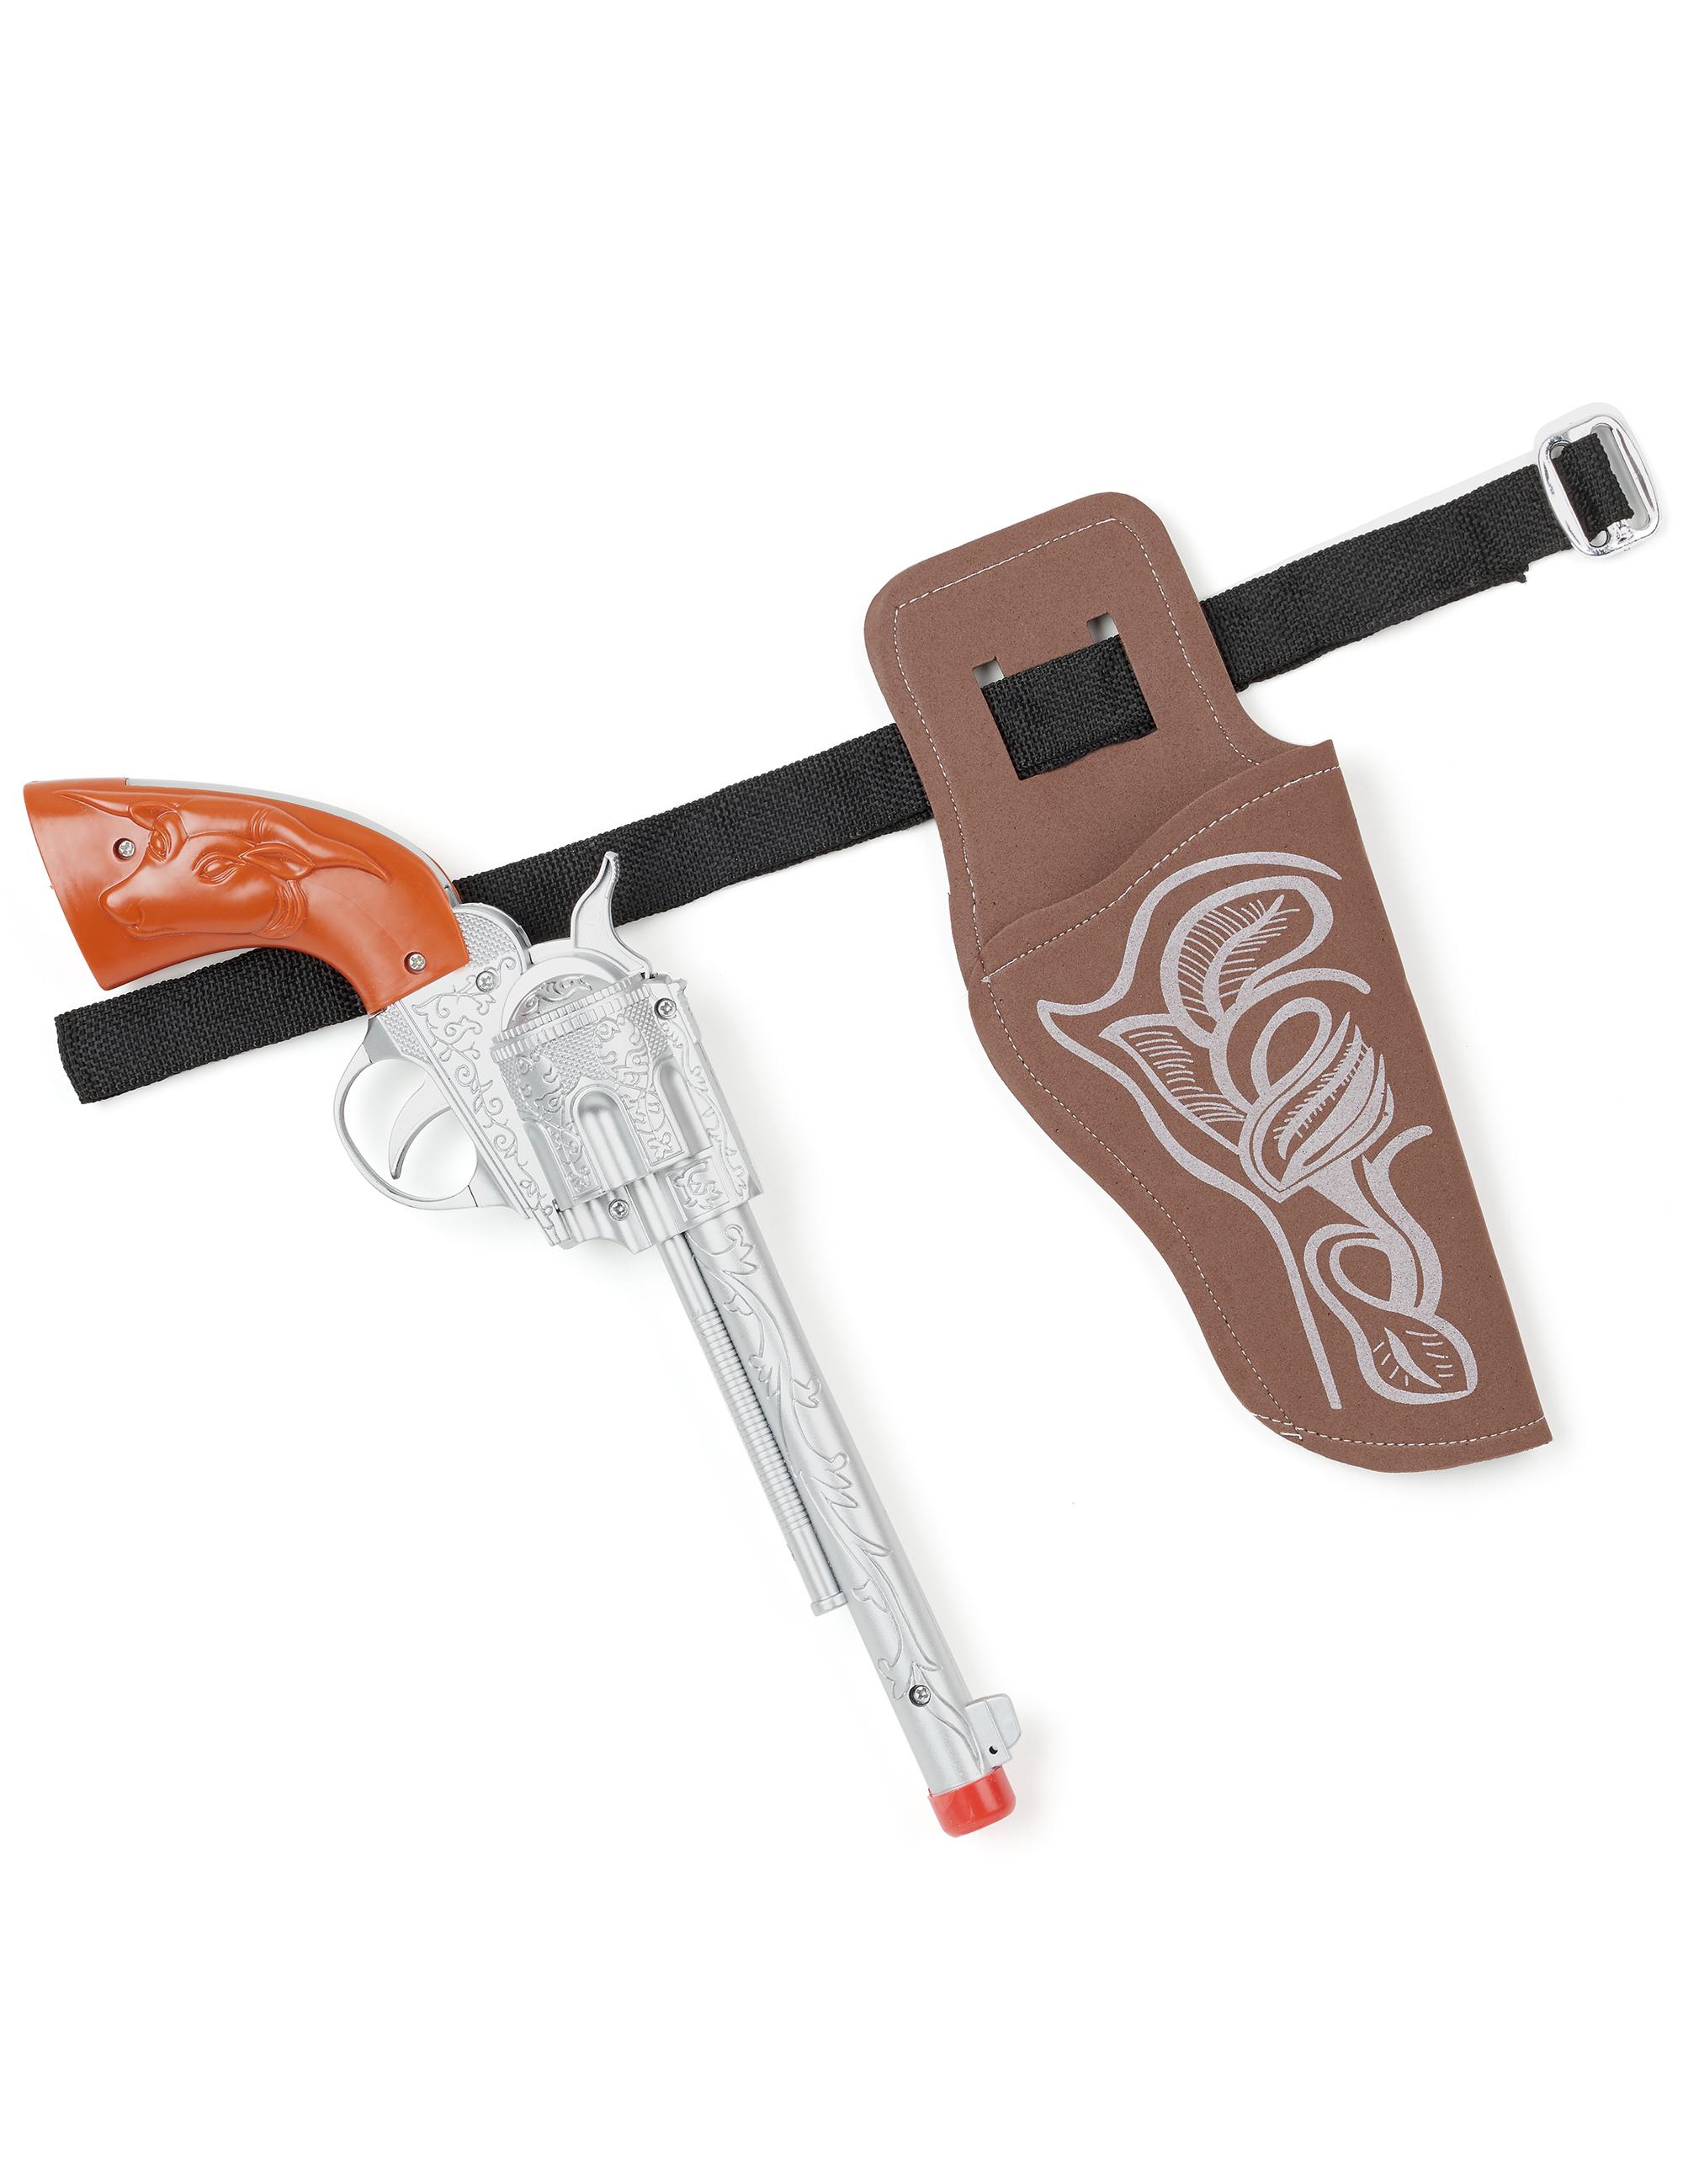 pistolet de cow boy en plastique achat de accessoires sur vegaoopro grossiste en d guisements. Black Bedroom Furniture Sets. Home Design Ideas